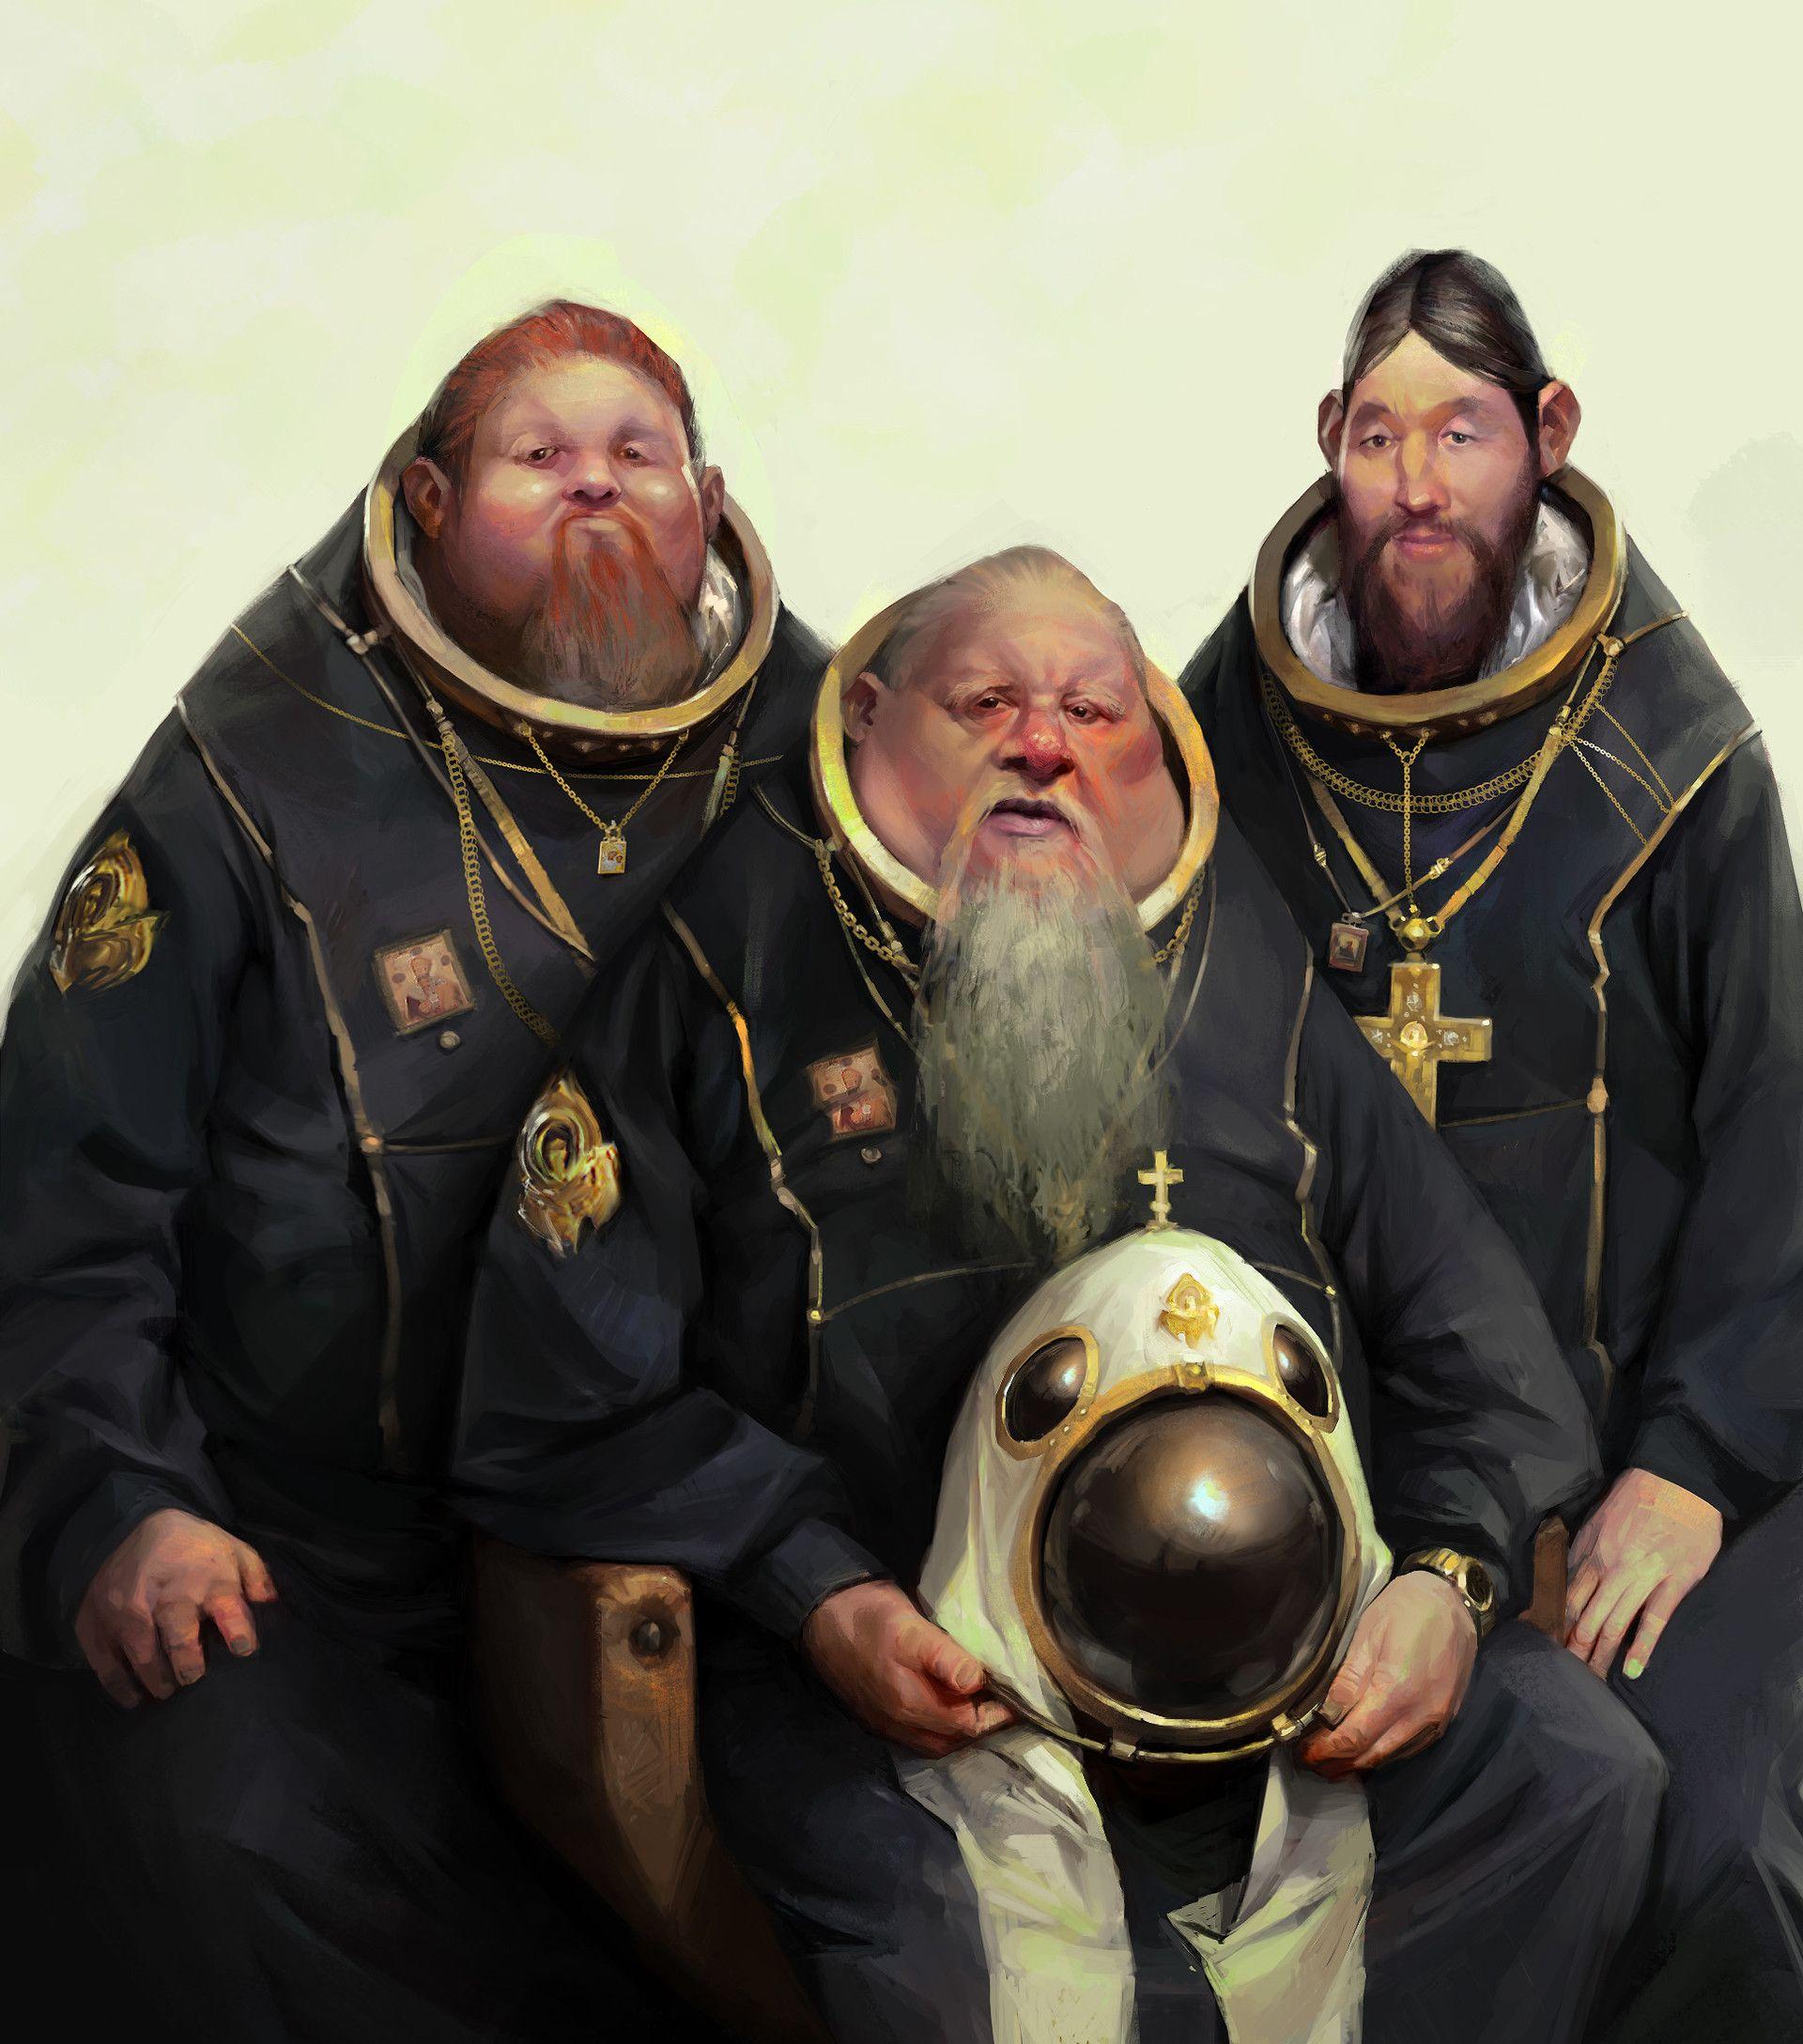 ArtStation - Orthodox Space Program, Vladimir Malakhovskiy